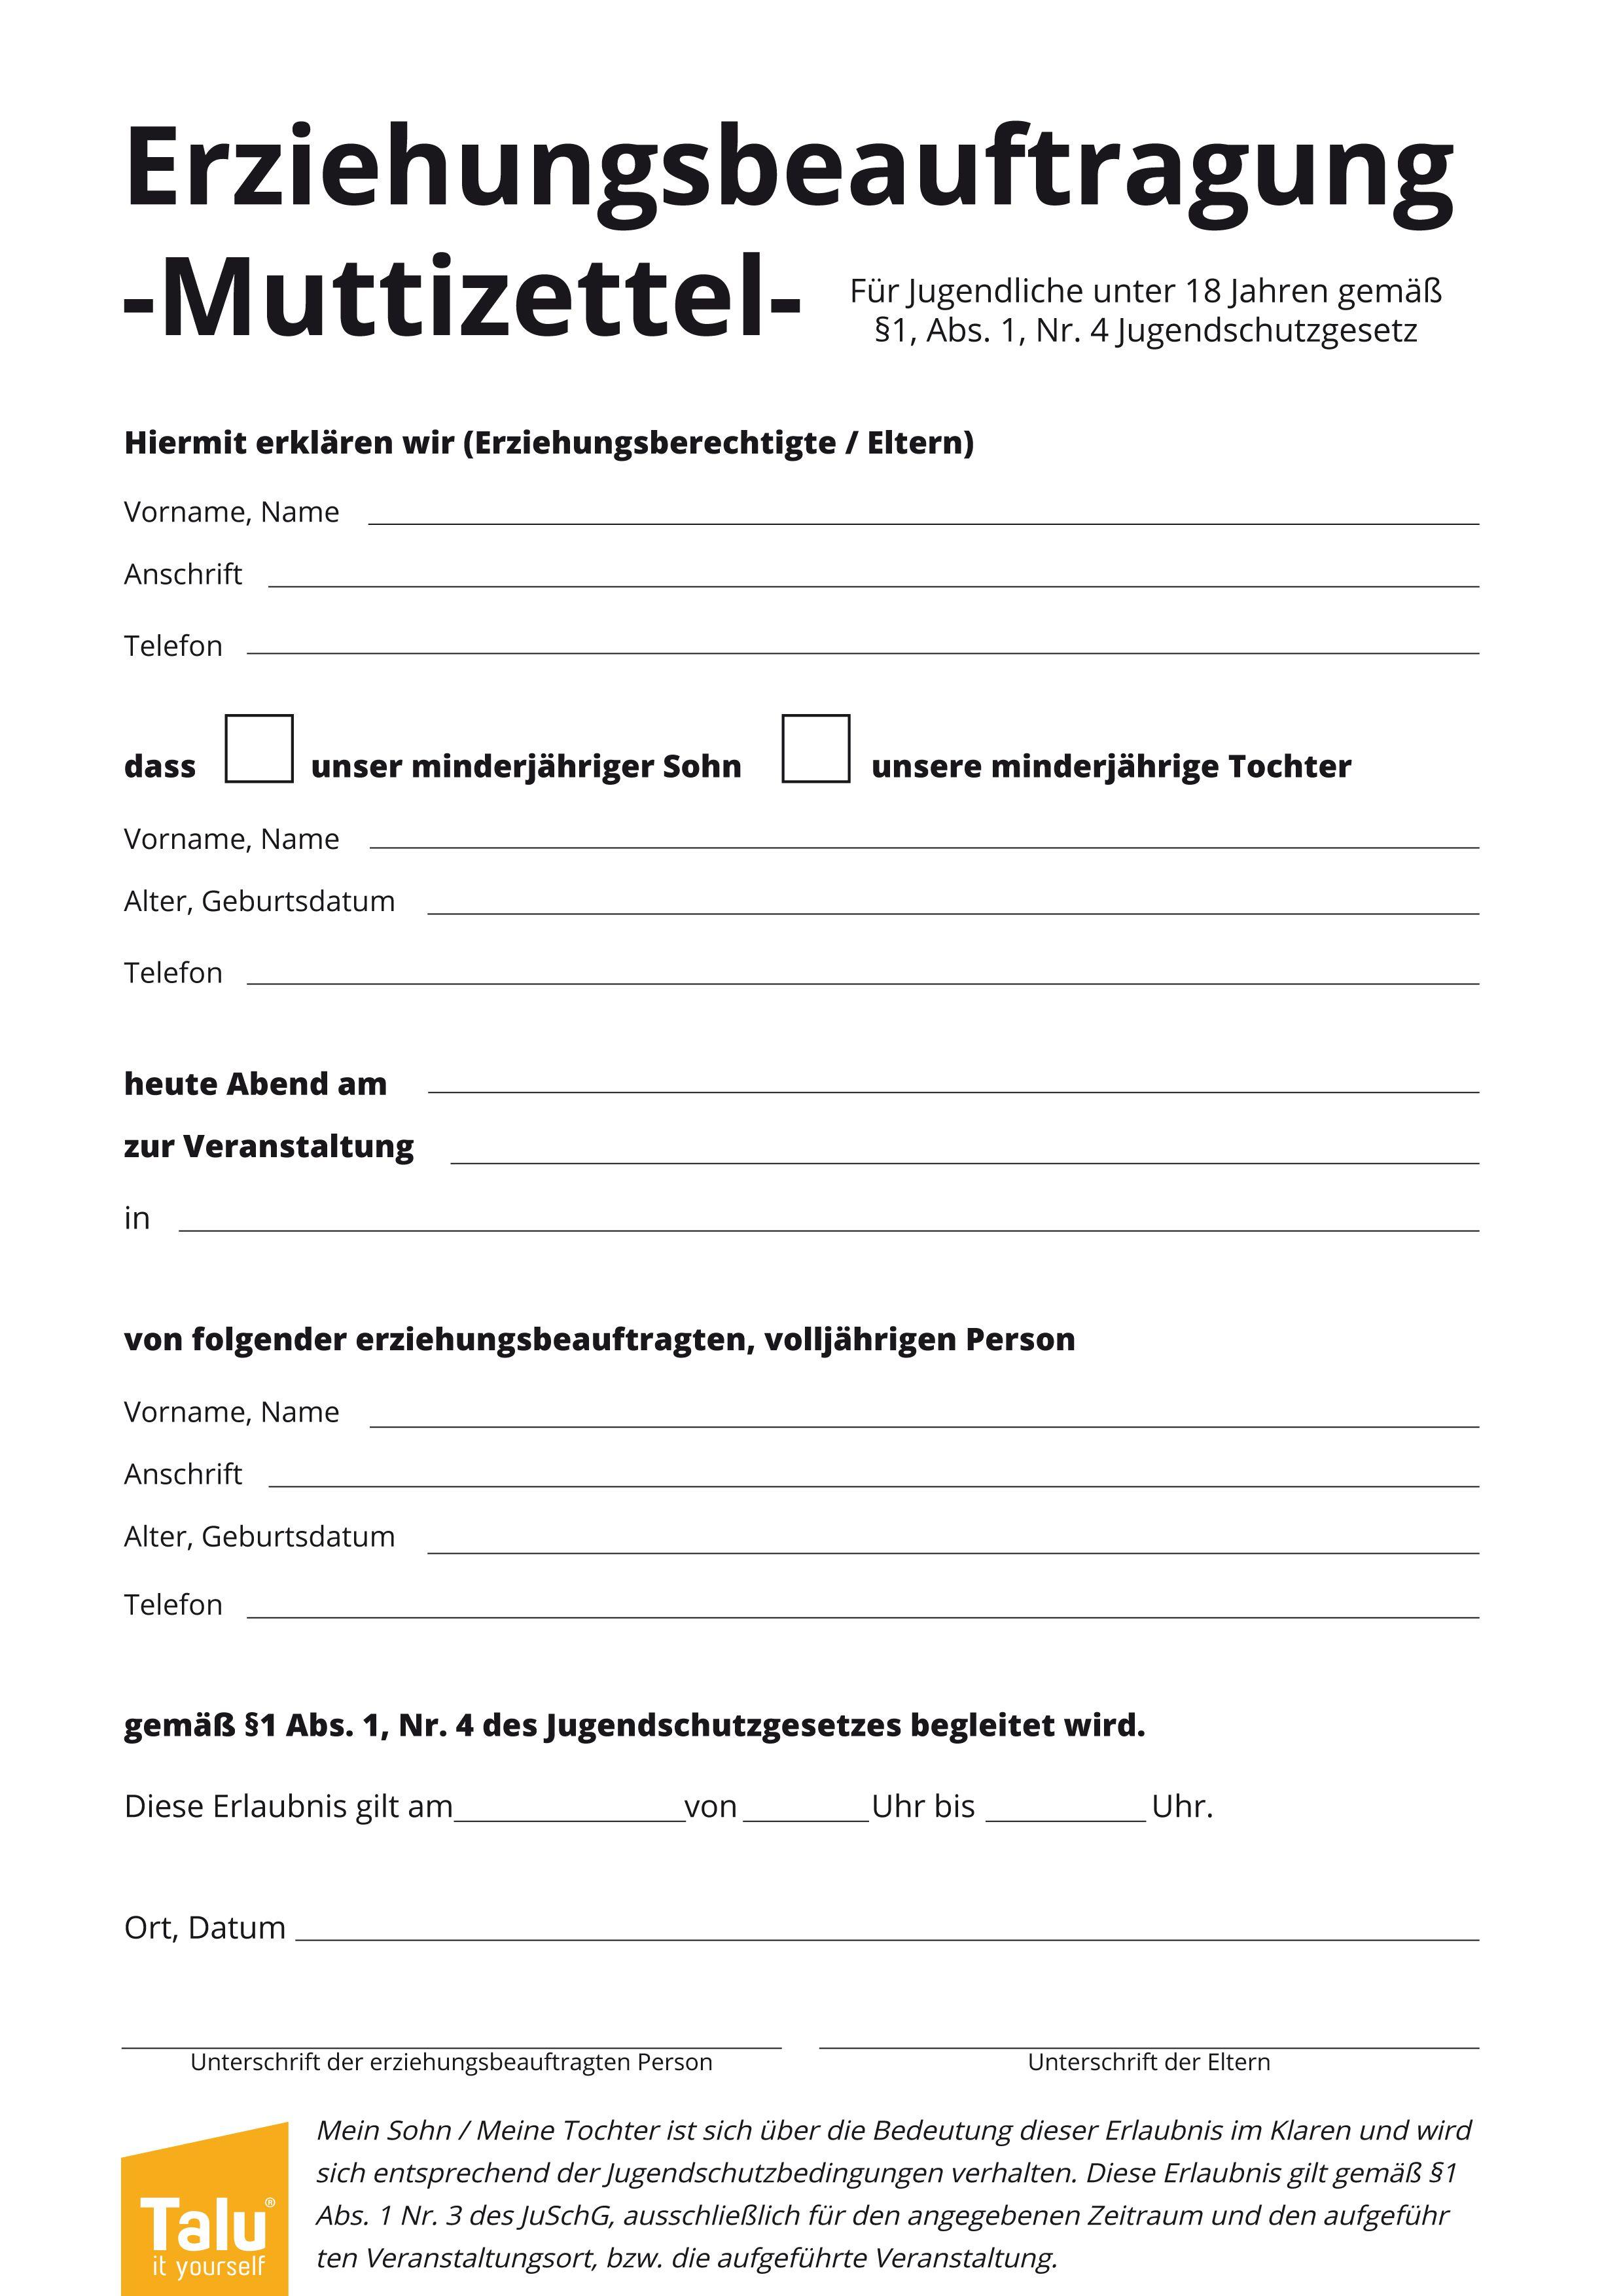 Muttizettel-Vorlage zum Ausdrucken - PDF-Vordruck ...